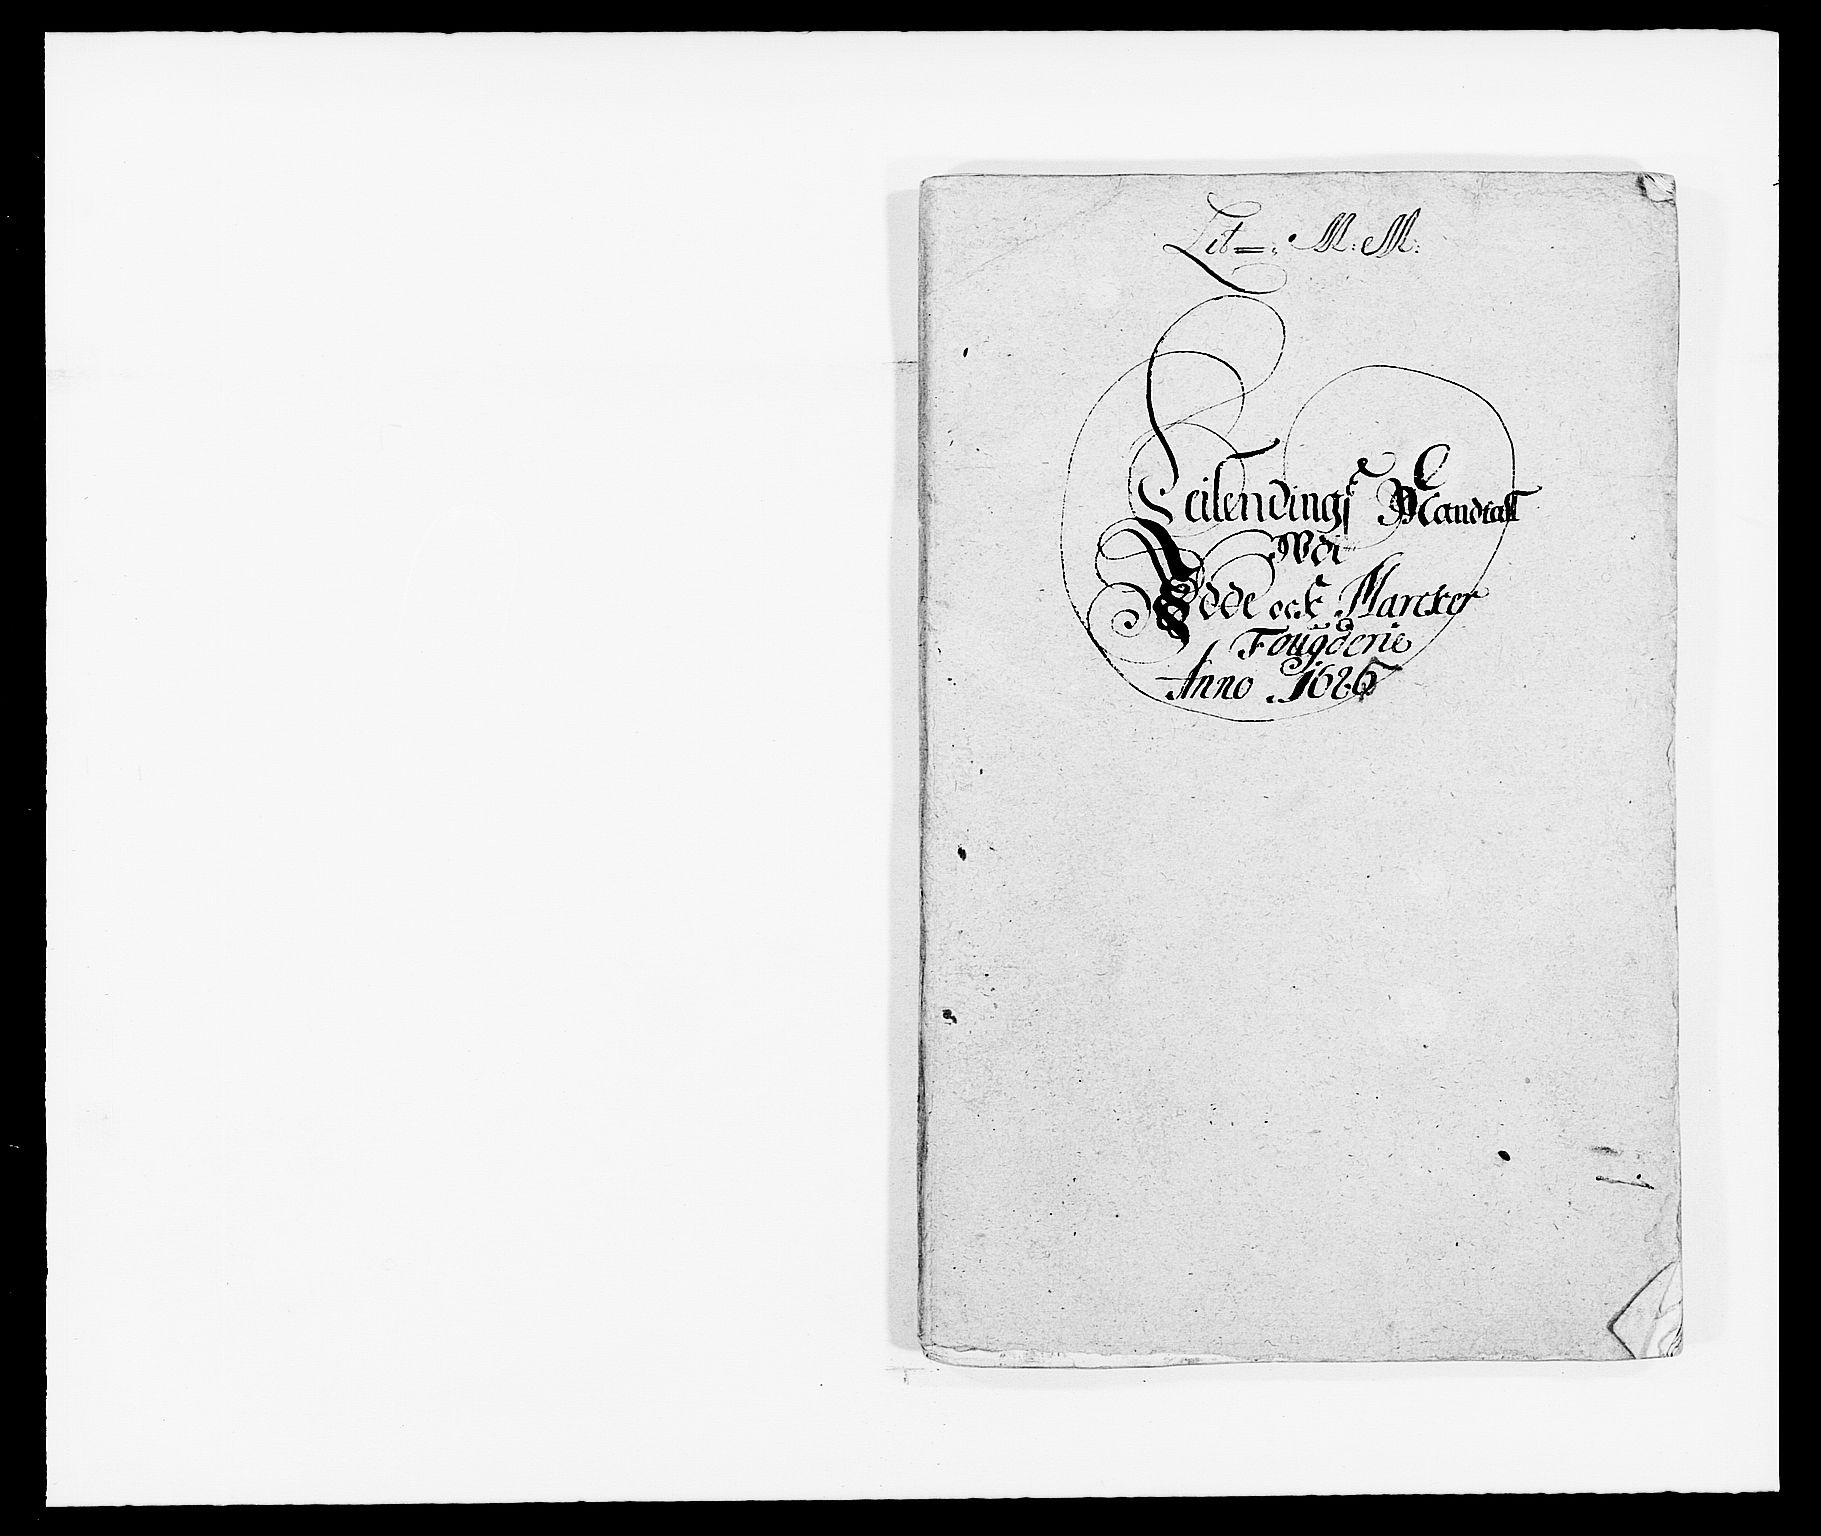 RA, Rentekammeret inntil 1814, Reviderte regnskaper, Fogderegnskap, R01/L0006: Fogderegnskap Idd og Marker, 1685-1686, s. 69